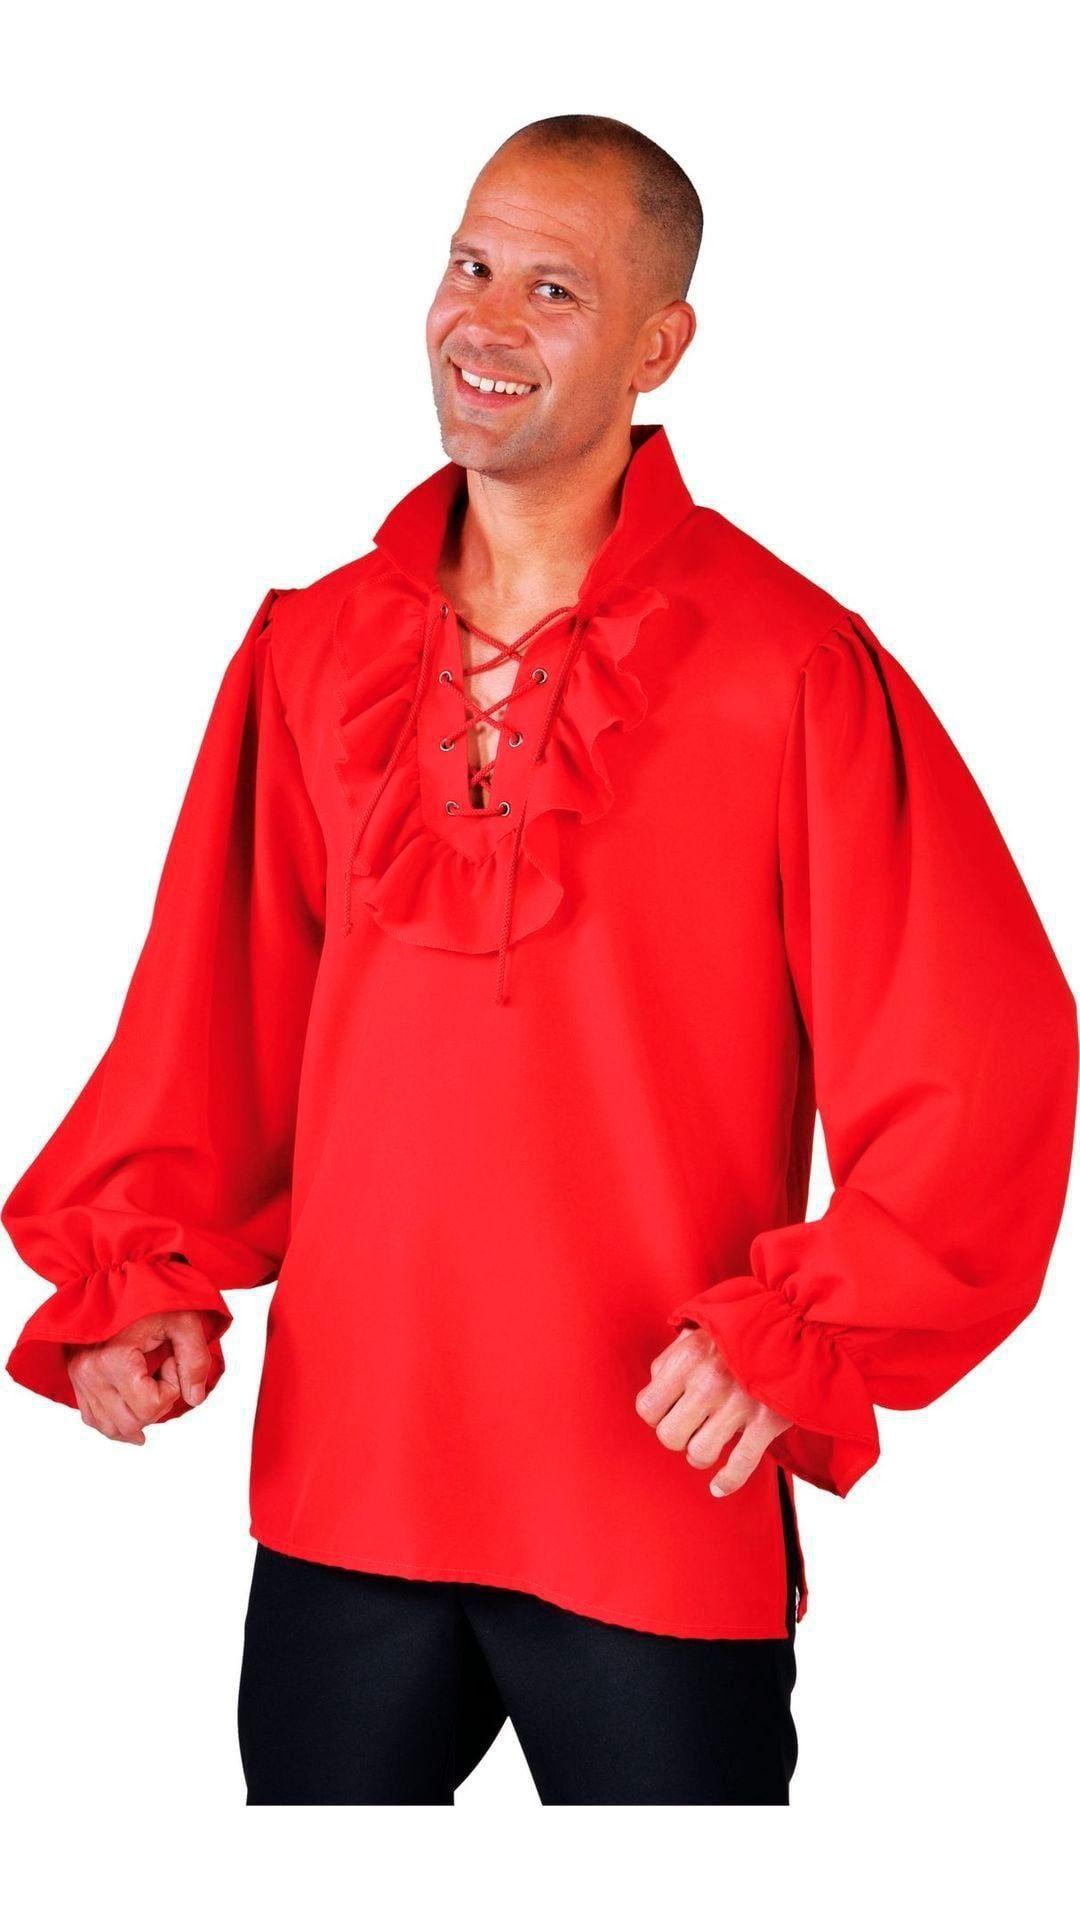 Rood piraten hemd heren